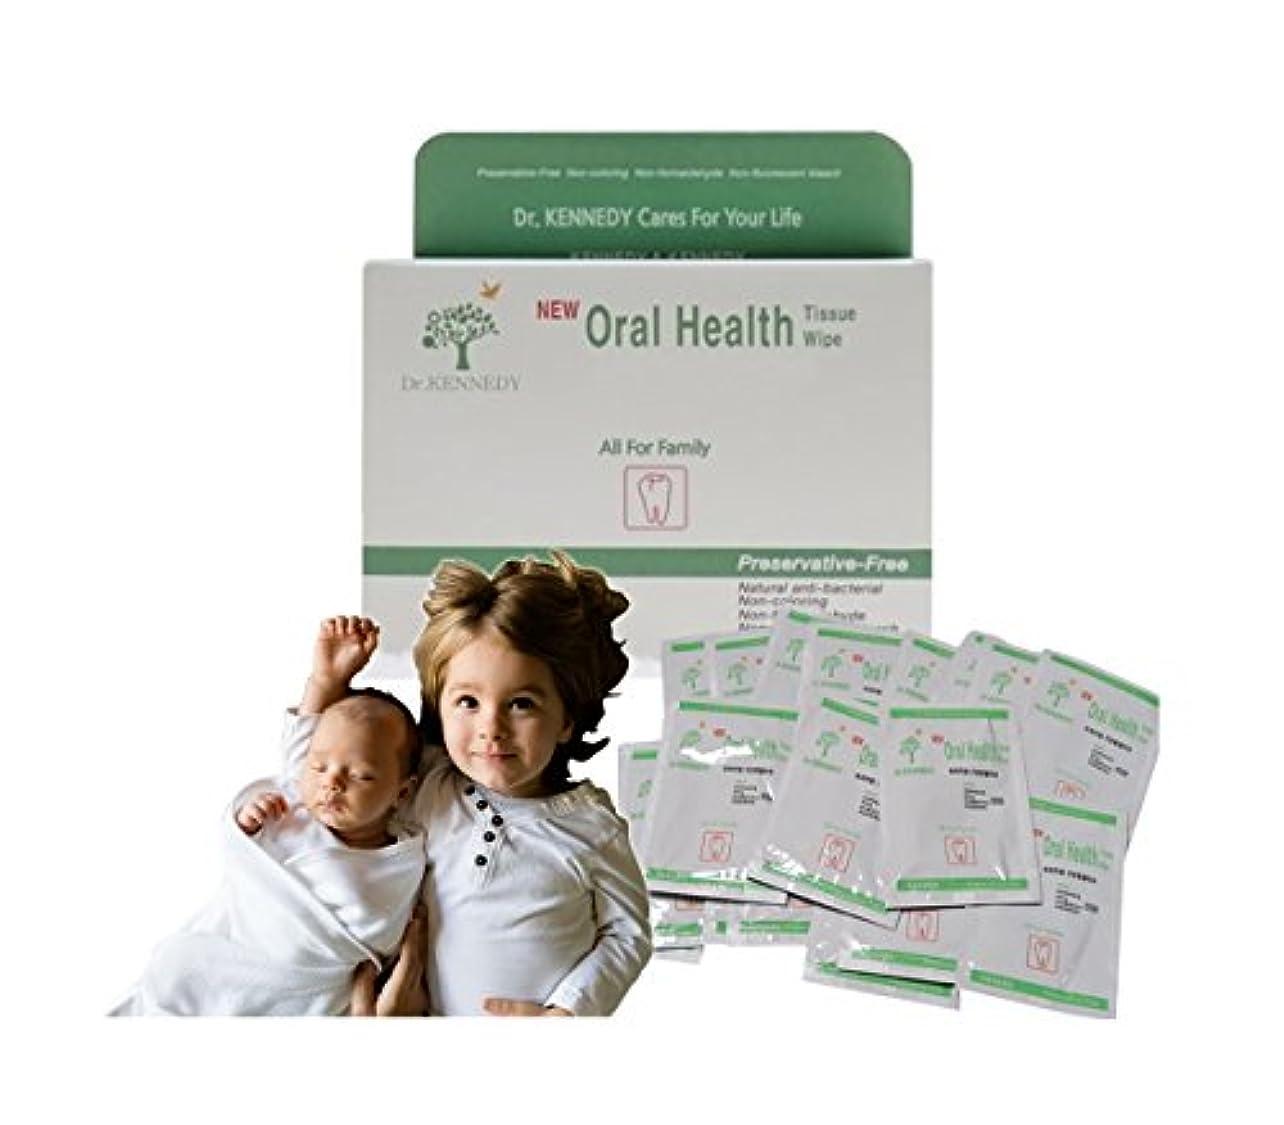 たくさんの患者不一致50枚 ベビーケアデンタルケア 安全 成分 歯磨き代用 幼兒 乳歯 口腔健康 Cotton ティッシュぺーパー 並行輸入